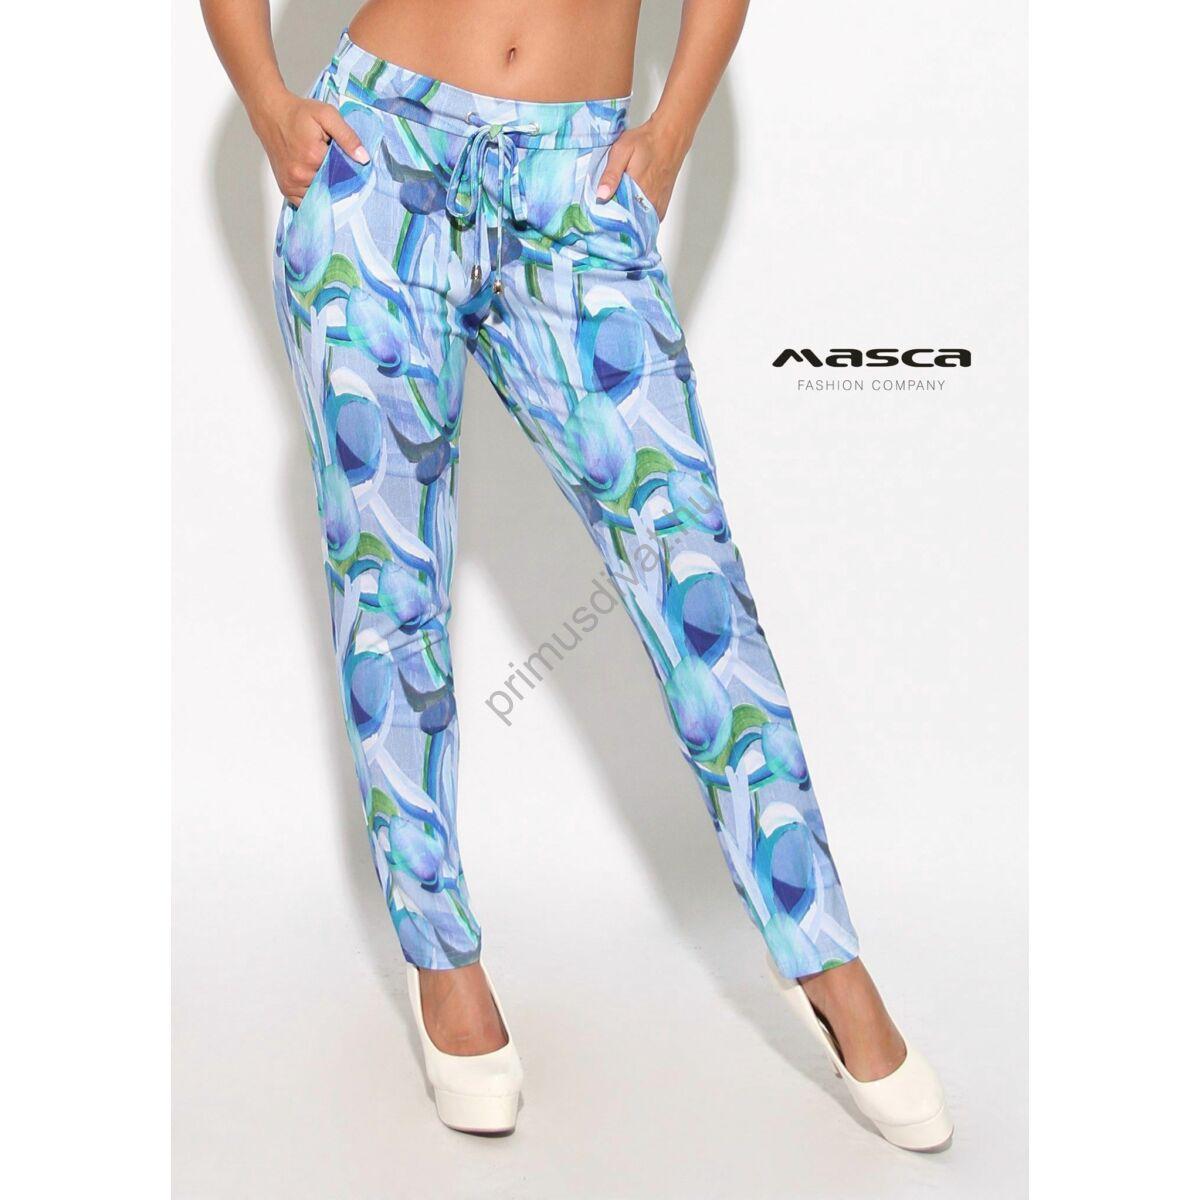 810ff1d993 Kép 1/1 - Masca Fashion kötős derekú zsebes kék-zöld mintás nadrág